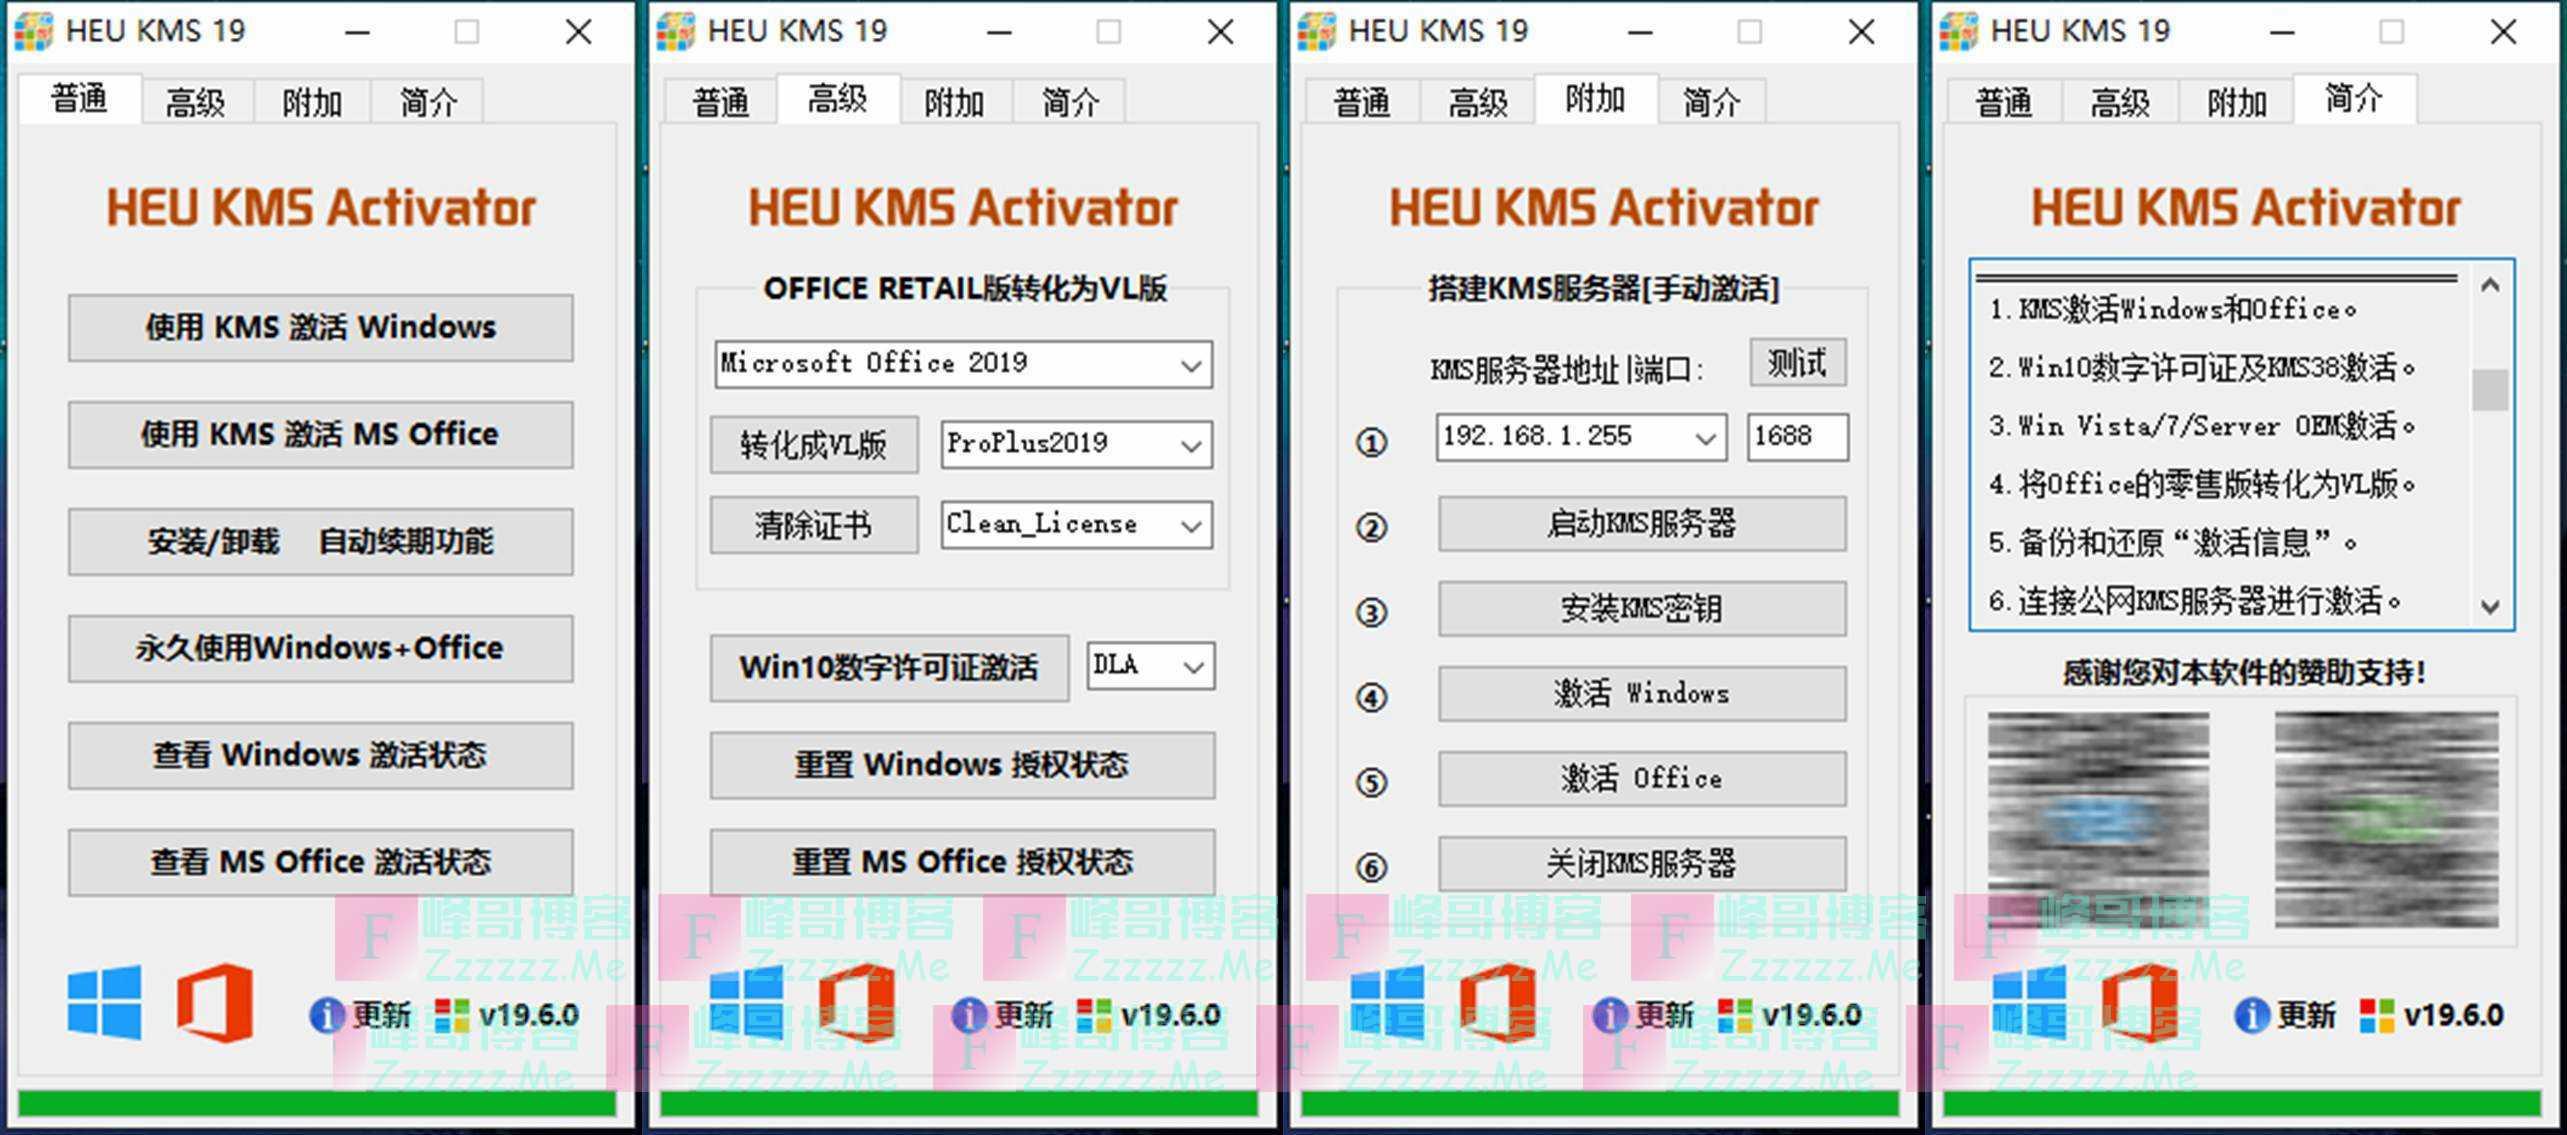 HEU KMS Activator v19.6.0 Windows KMS离线激活工具最新版下载